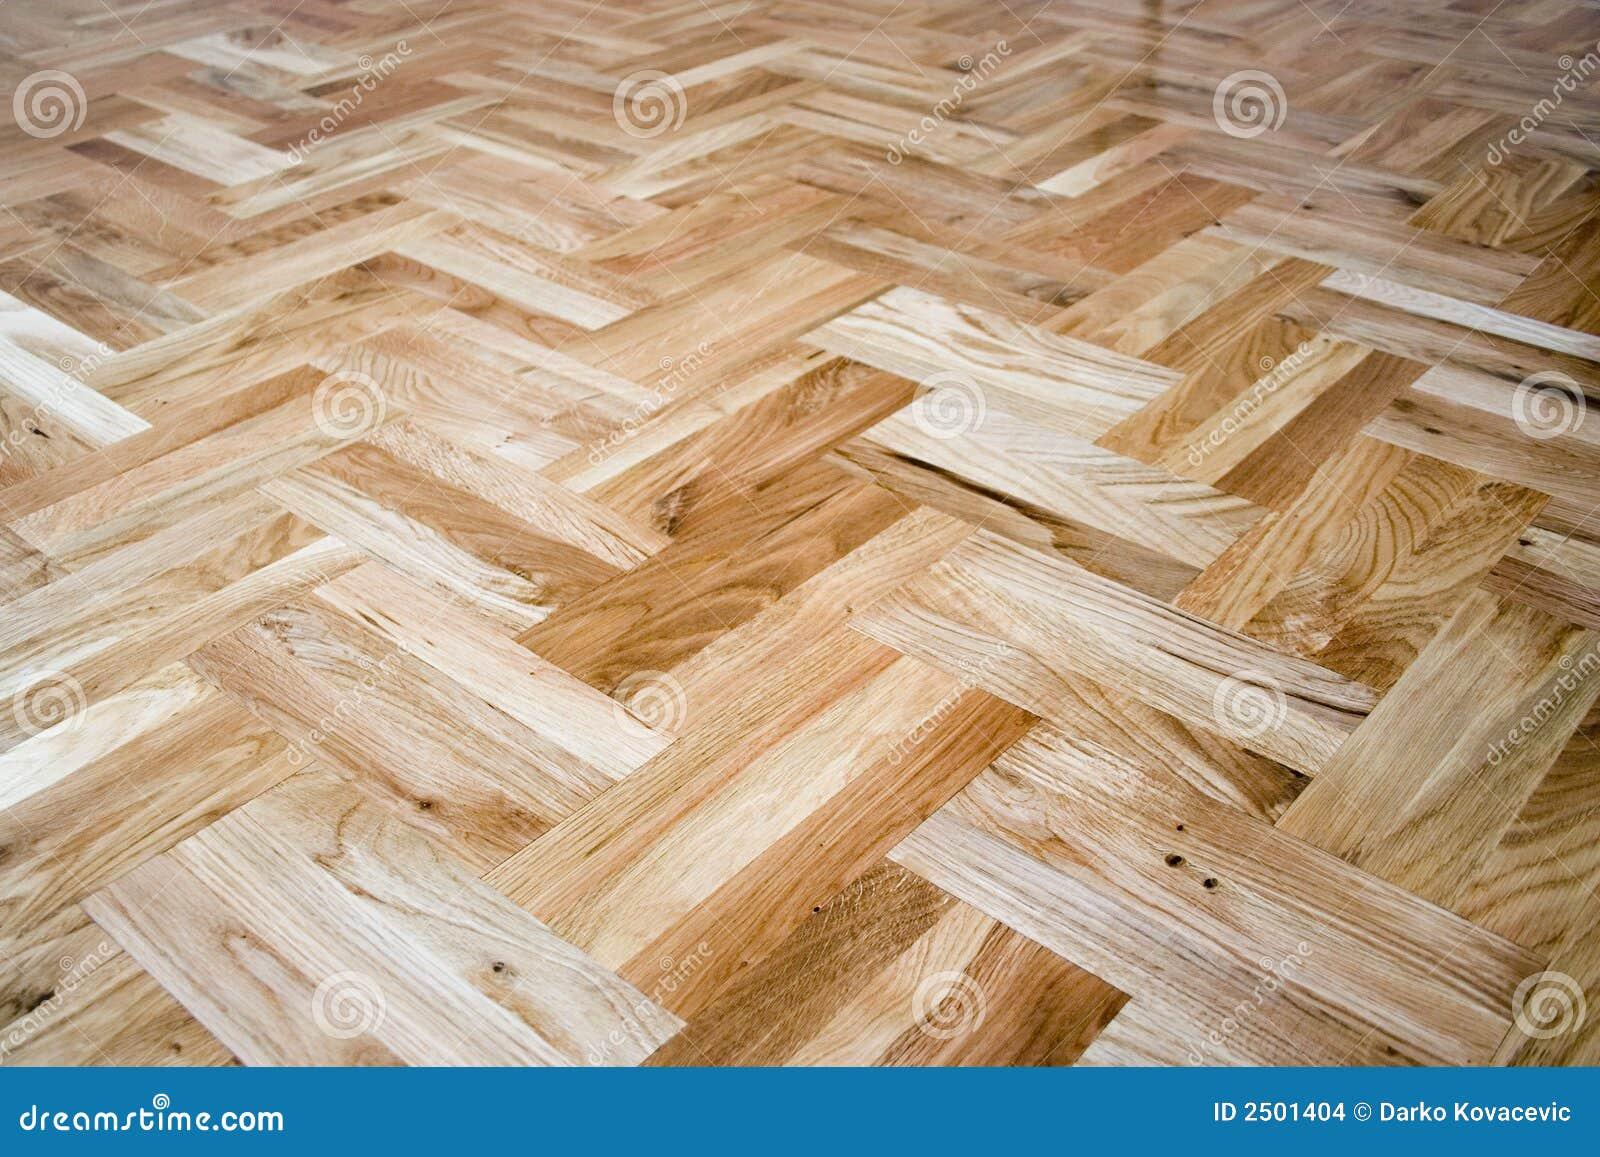 Textura del mosaico de madera imagenes de archivo imagen - Mosaico de madera ...